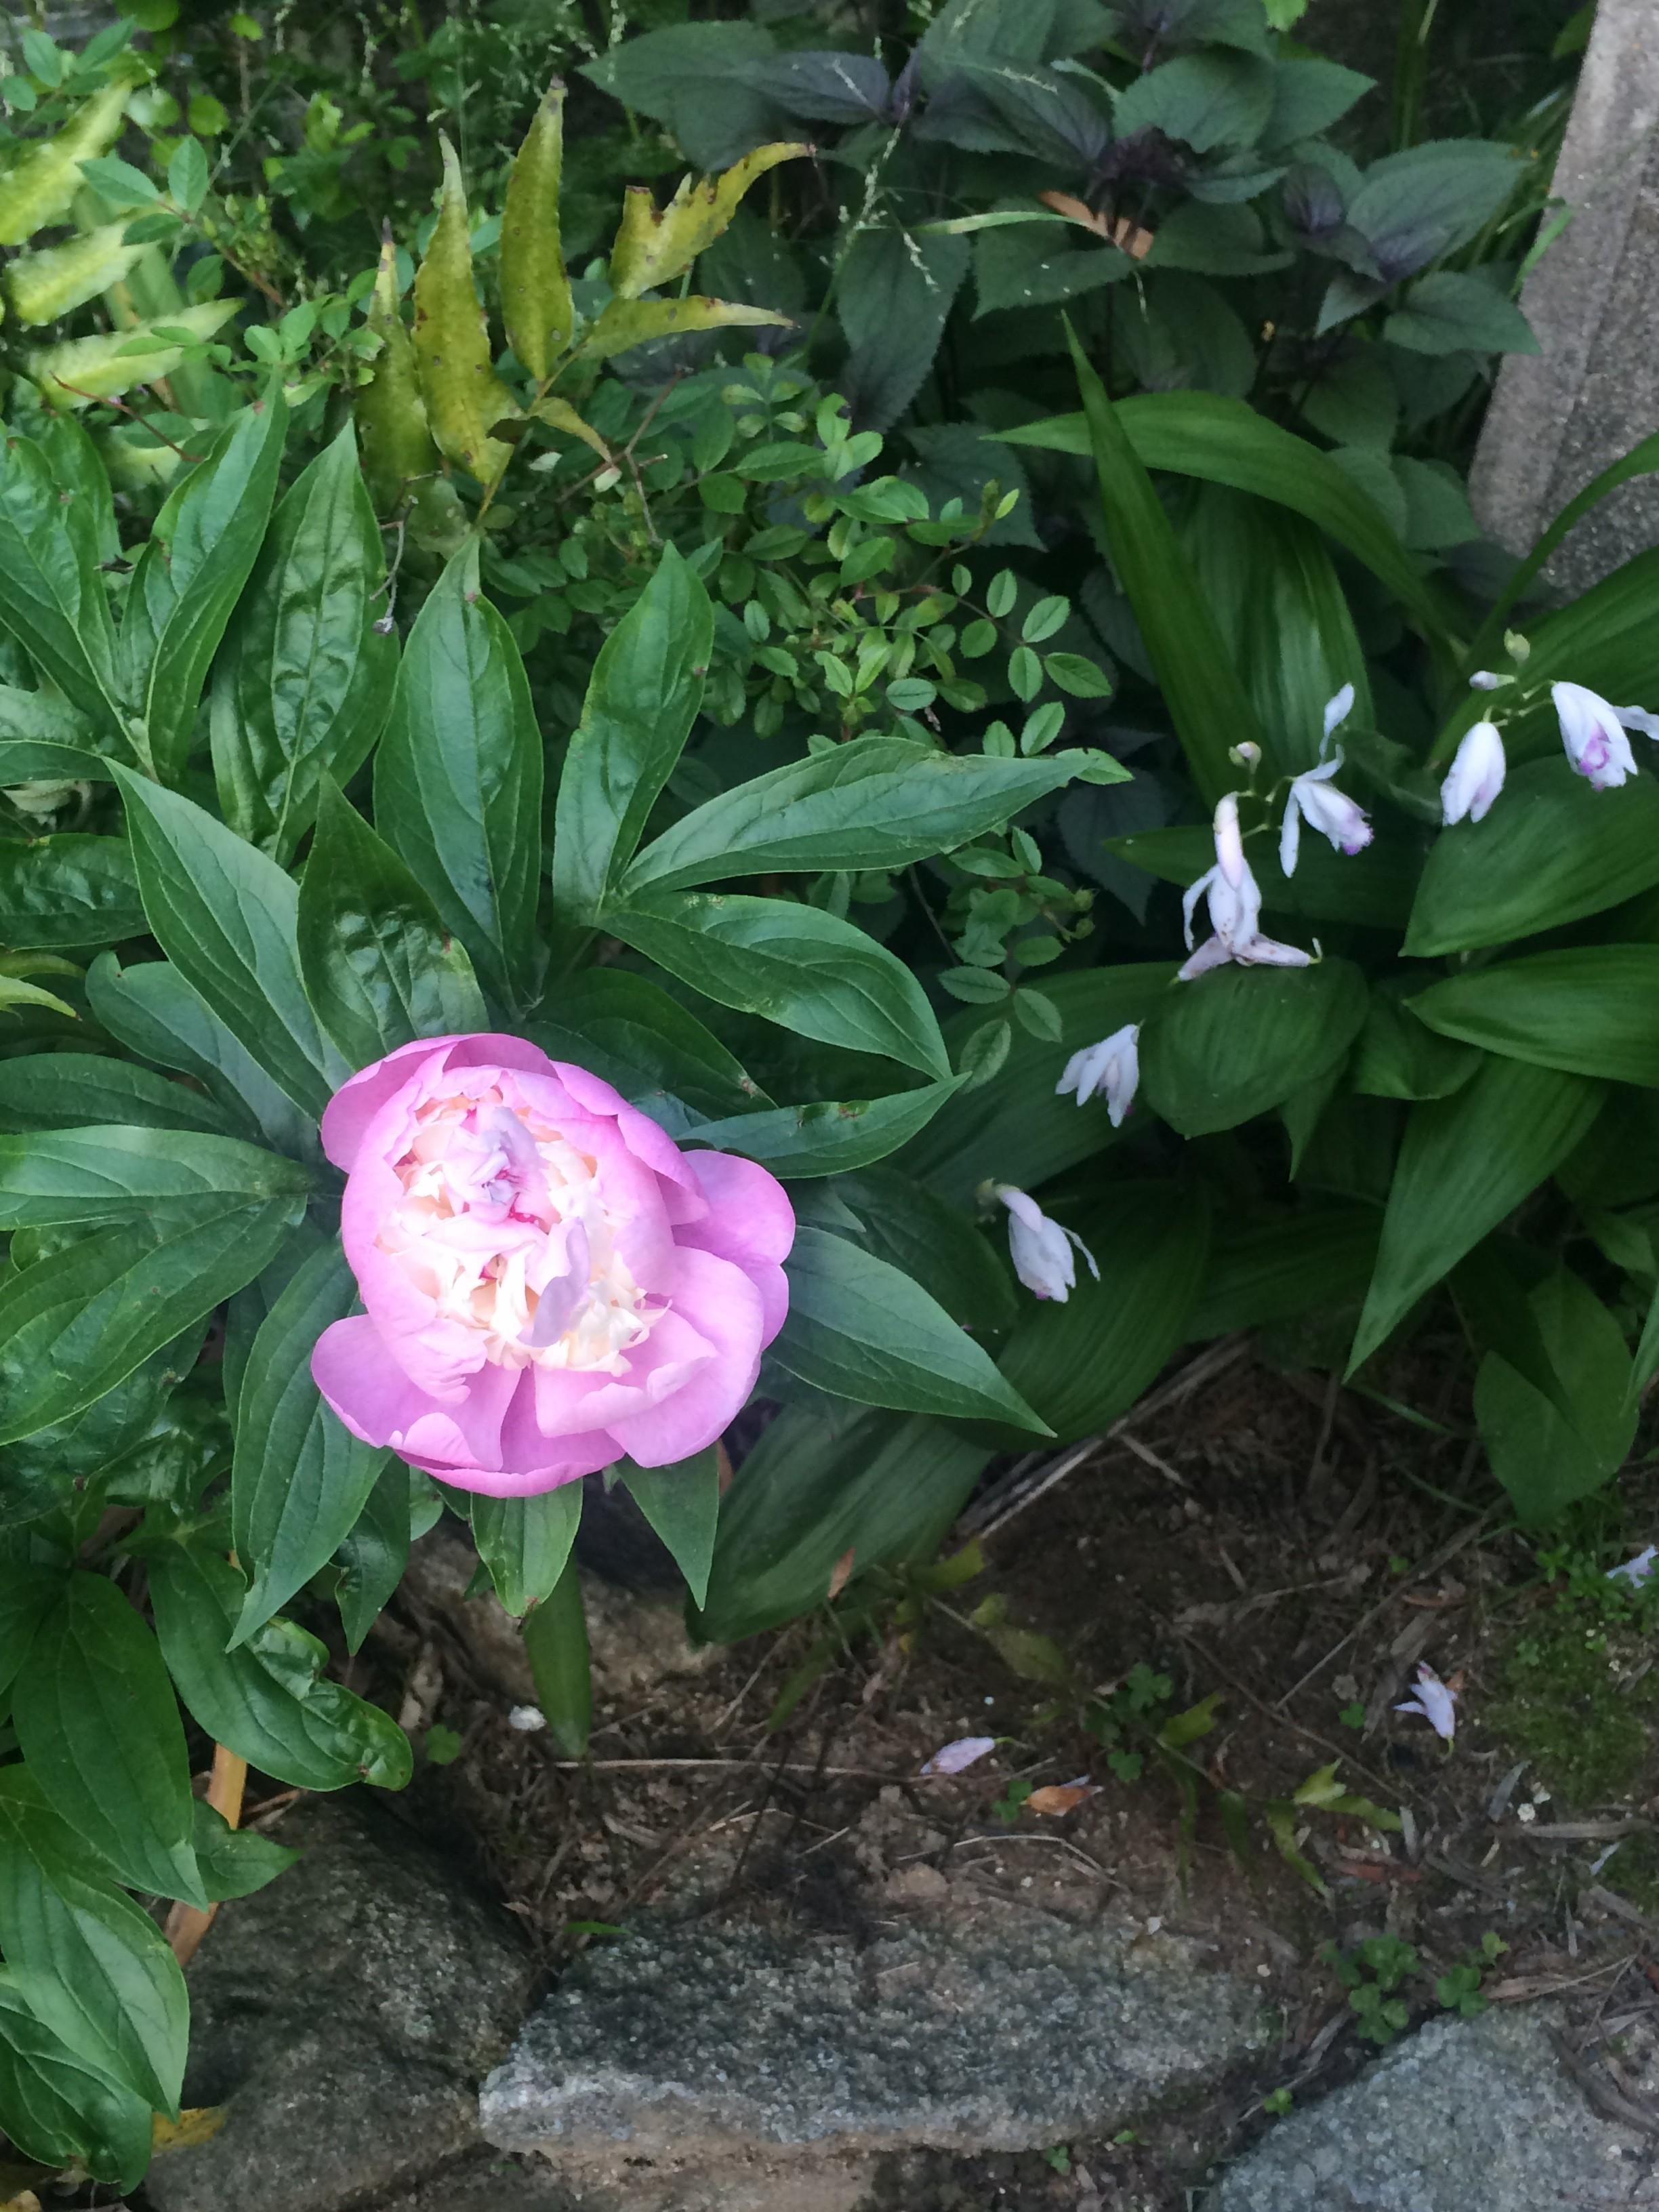 庭に咲く芍薬と紫蘭☆